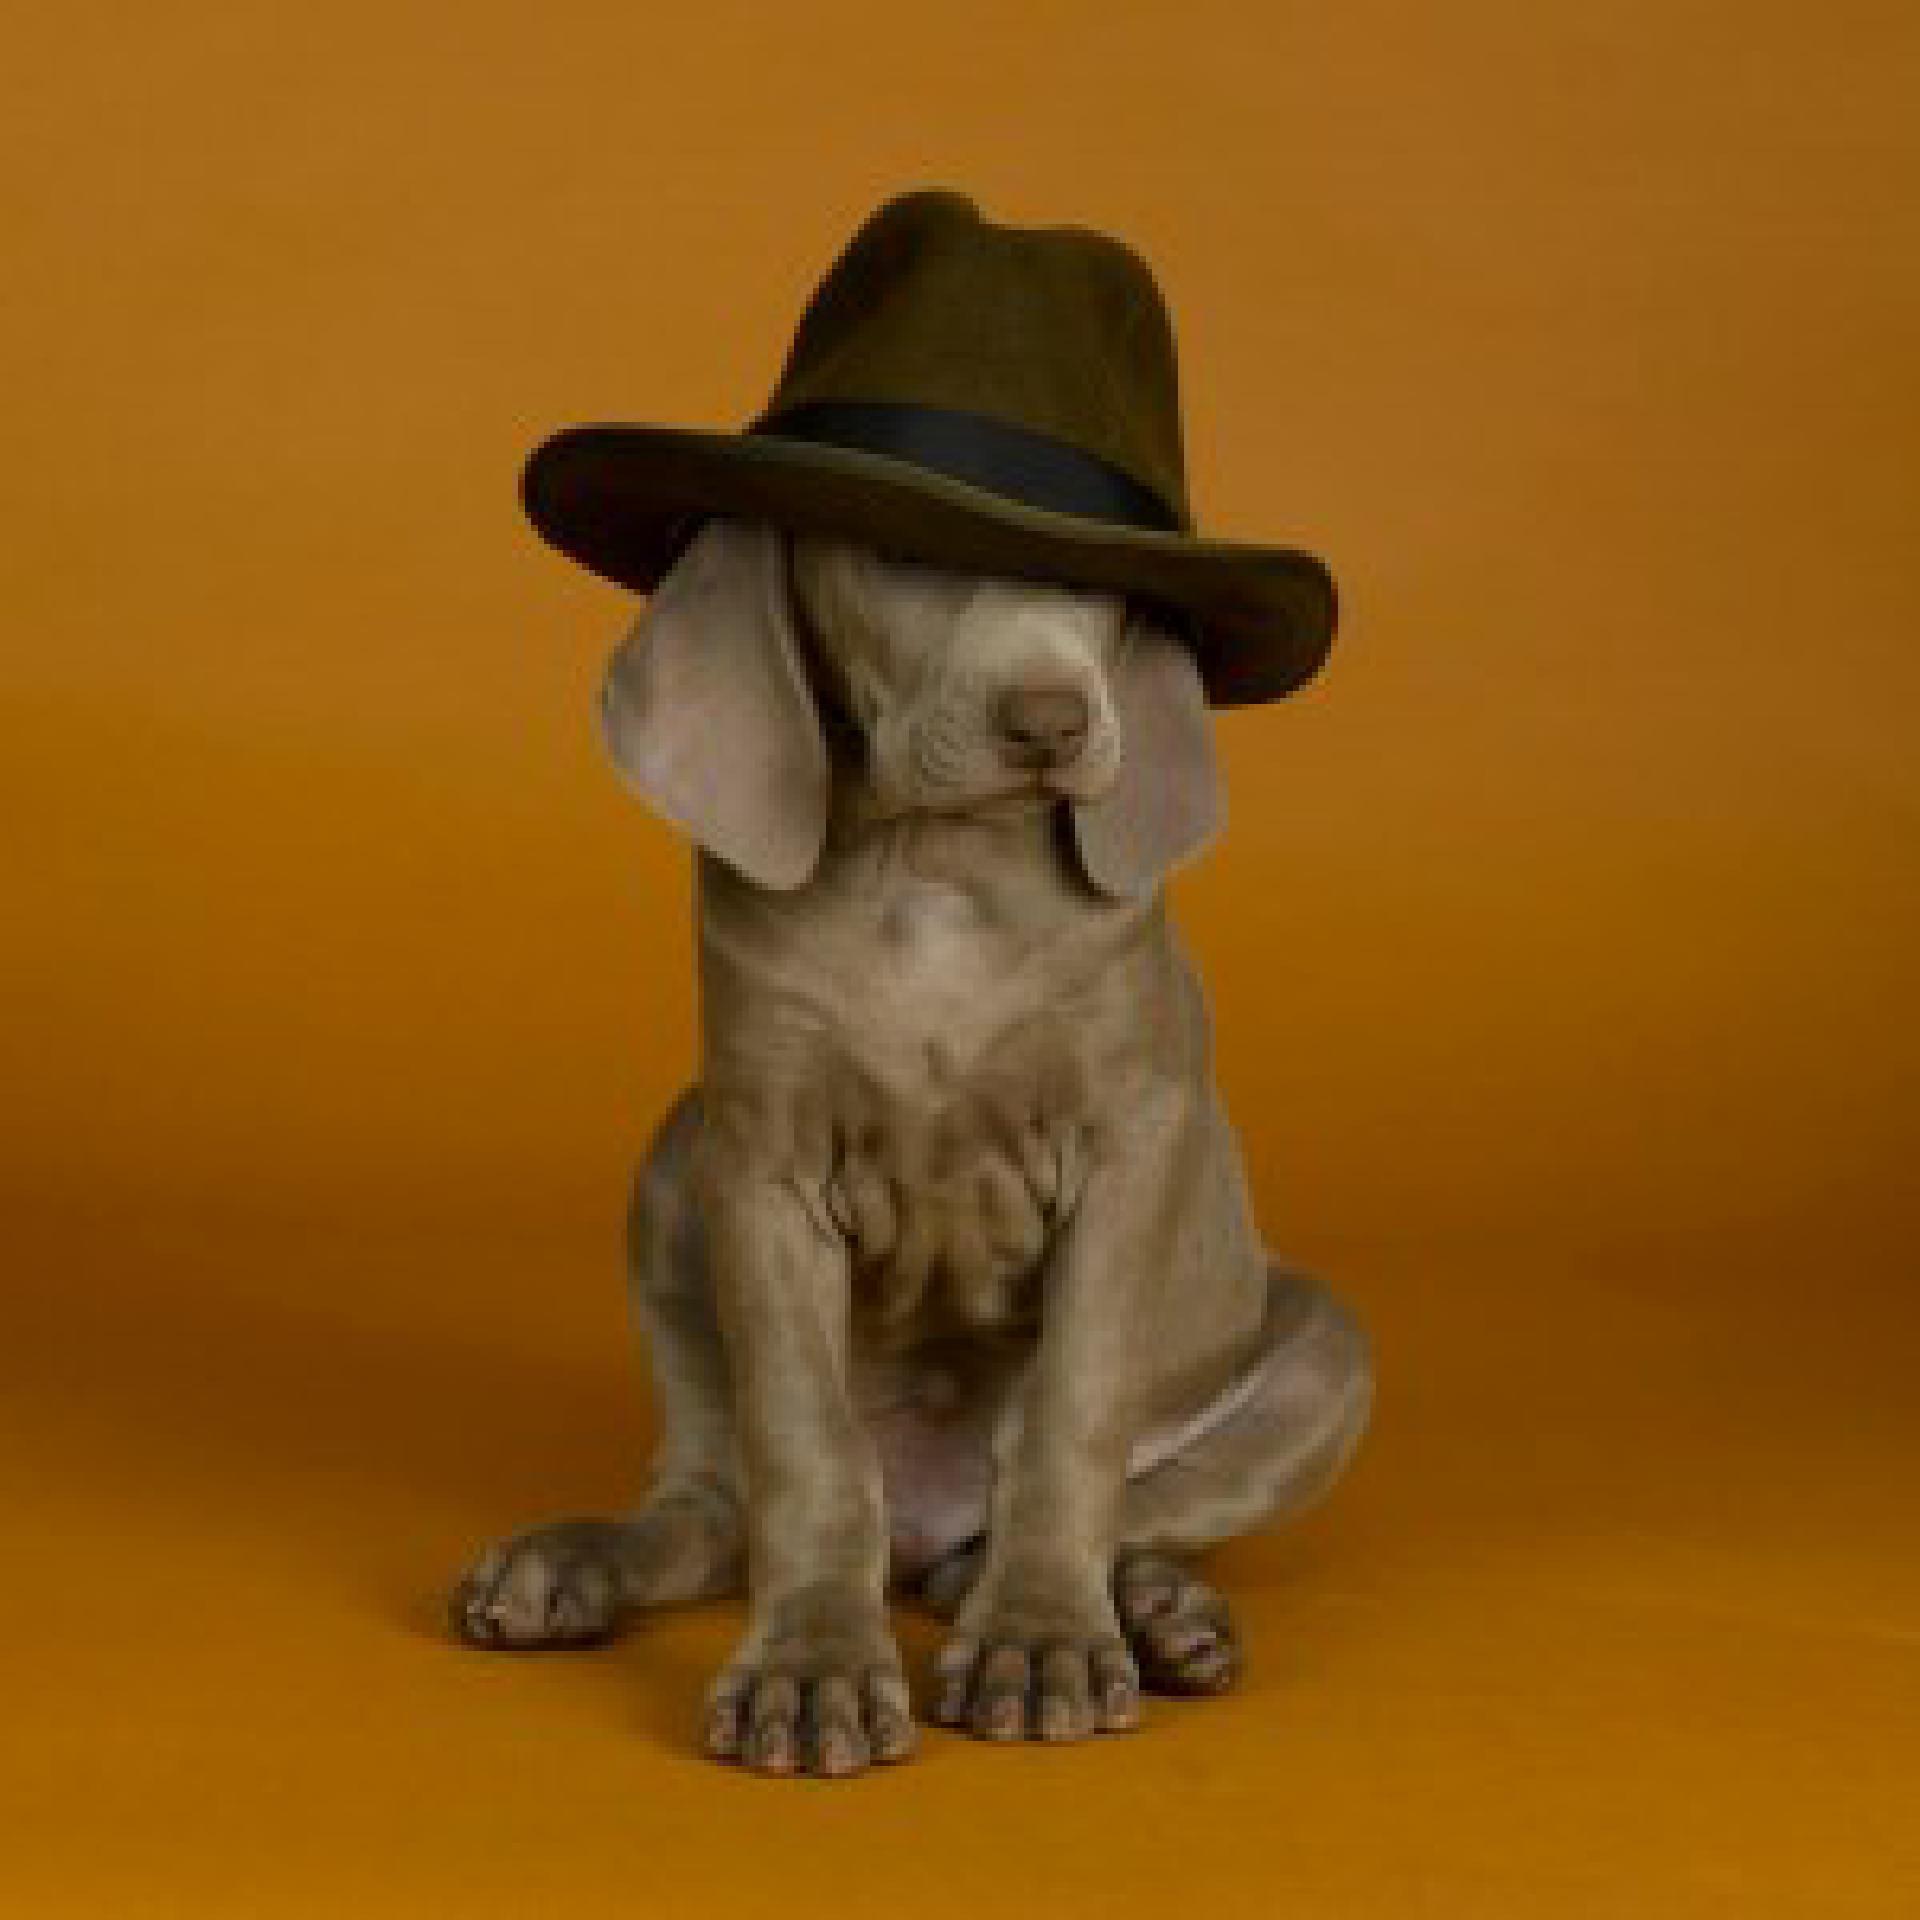 Auch ein Grund, nicht zu kommen: Der Hund sieht nix. Foto: William Wegman